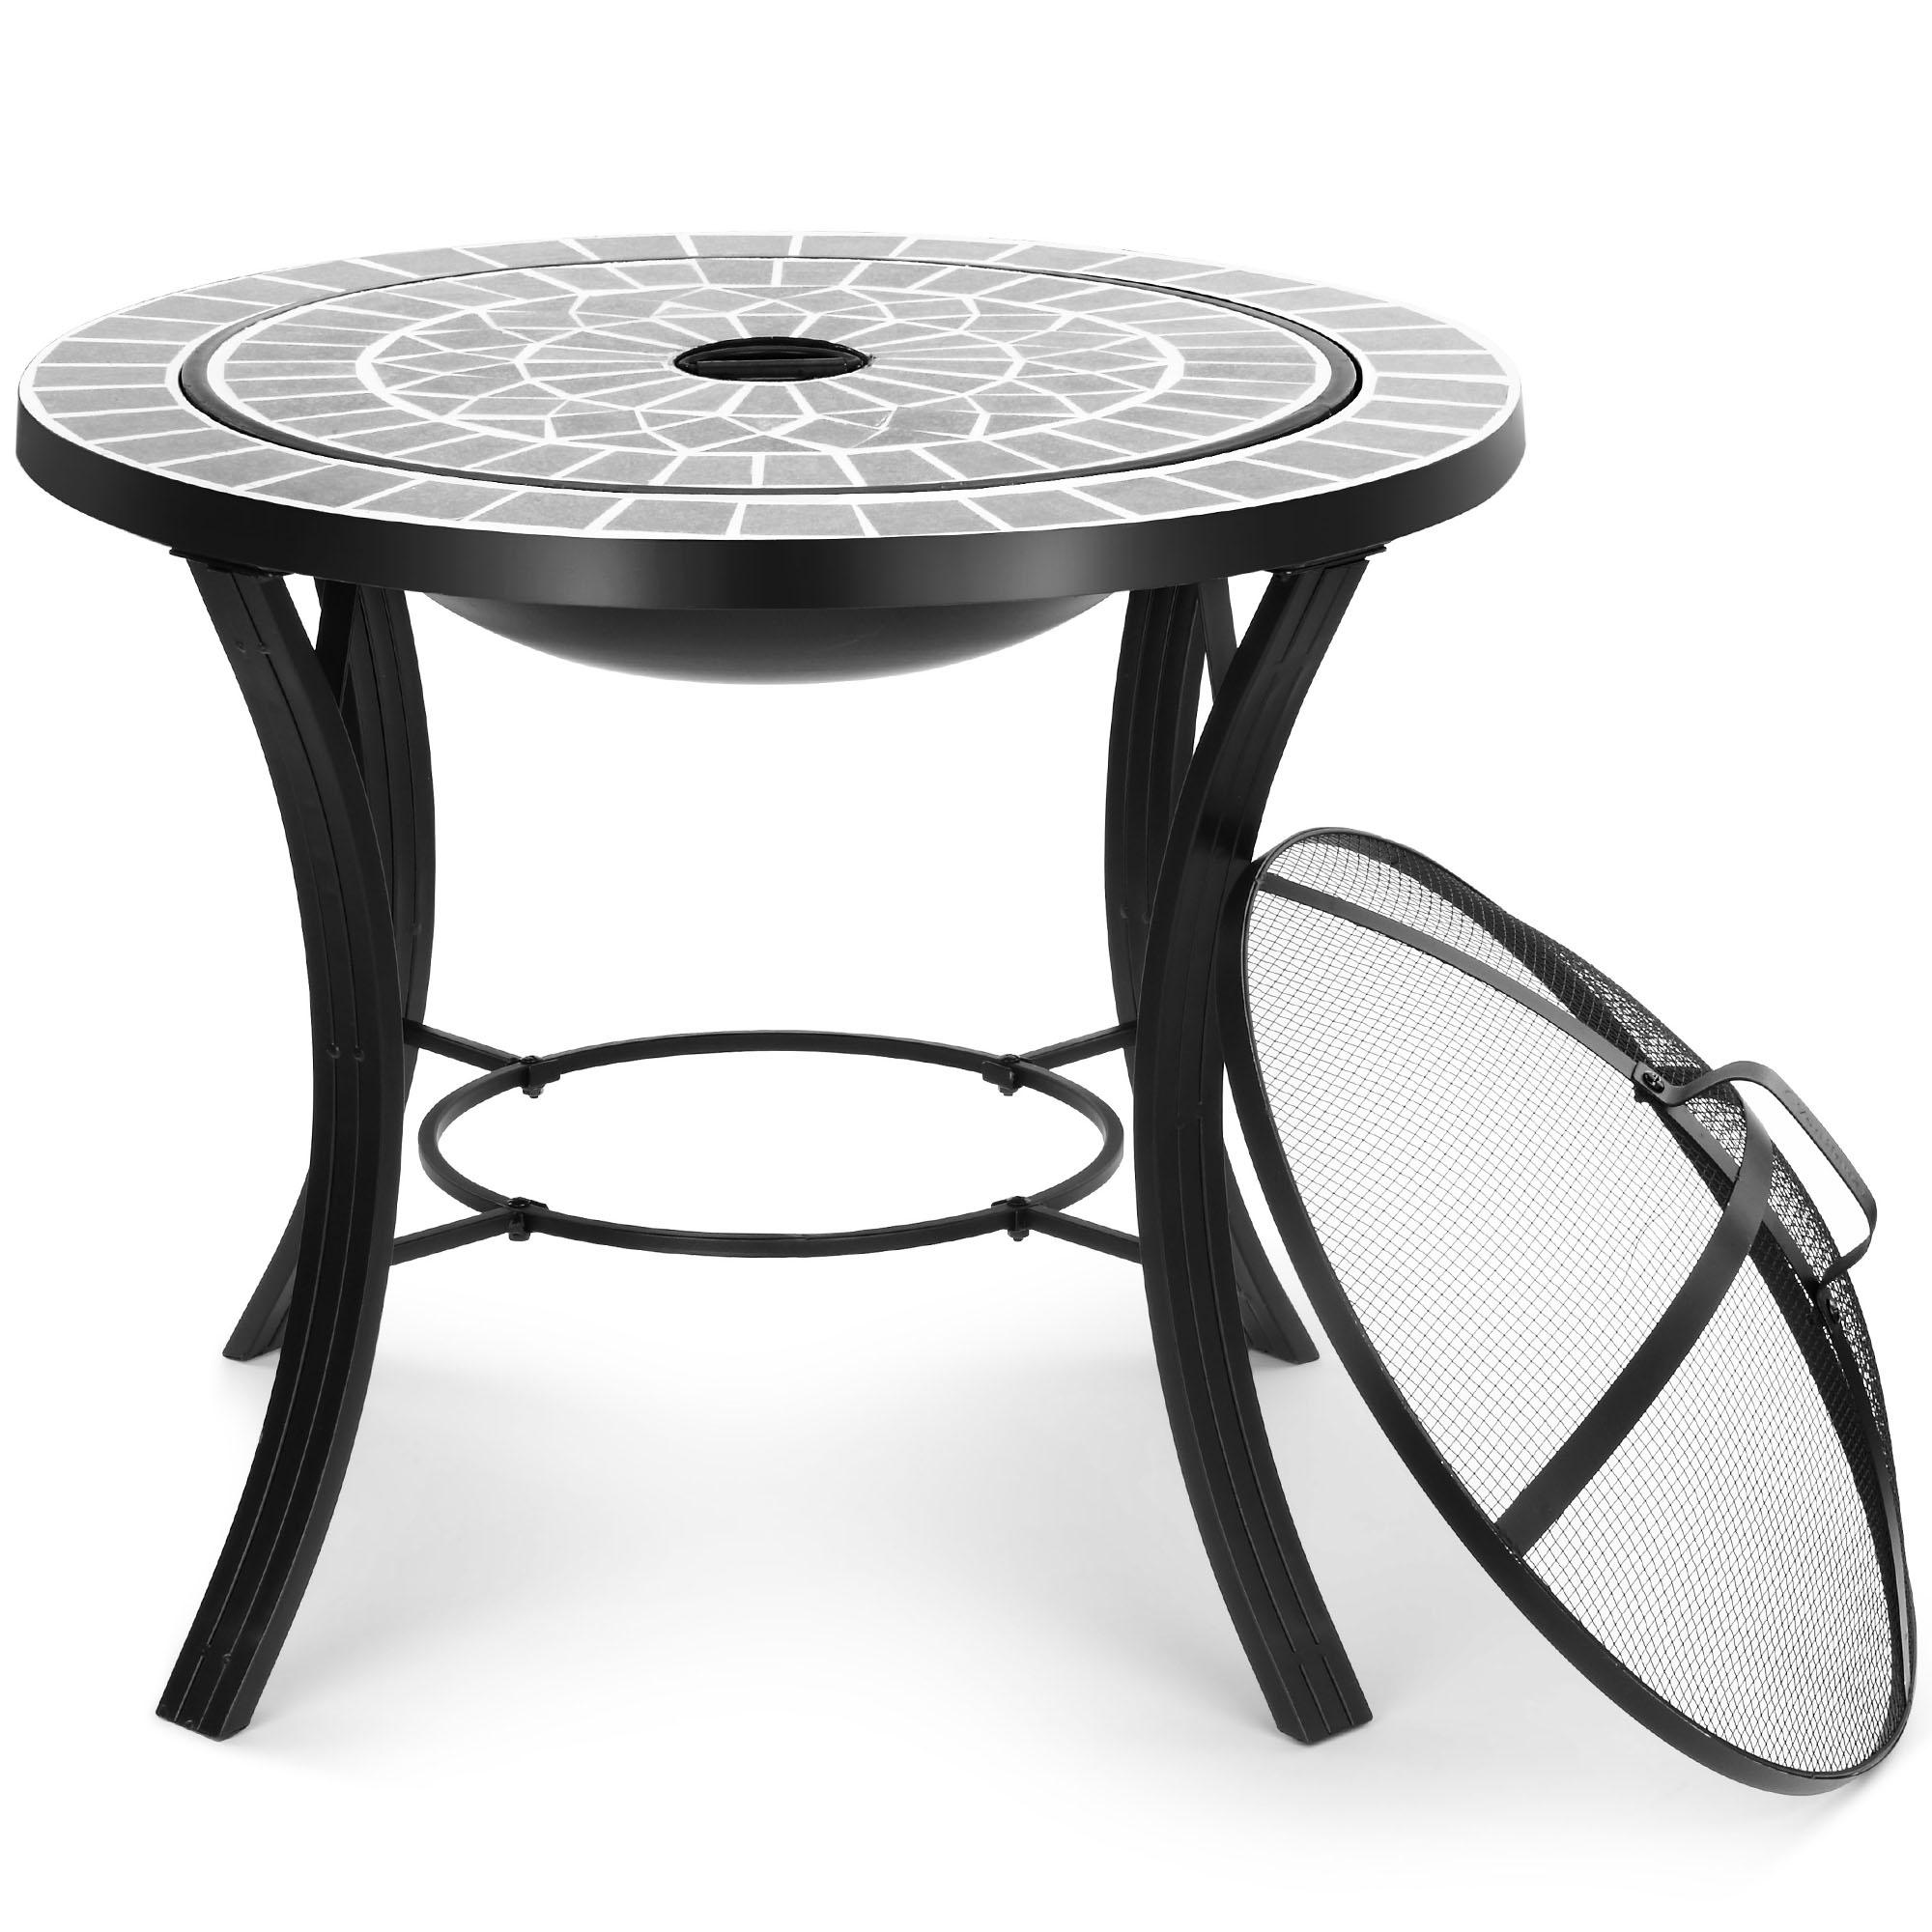 VonHaus Mosaic Fire Pit BBQ Table - Garden & Outdoor Bowl ...